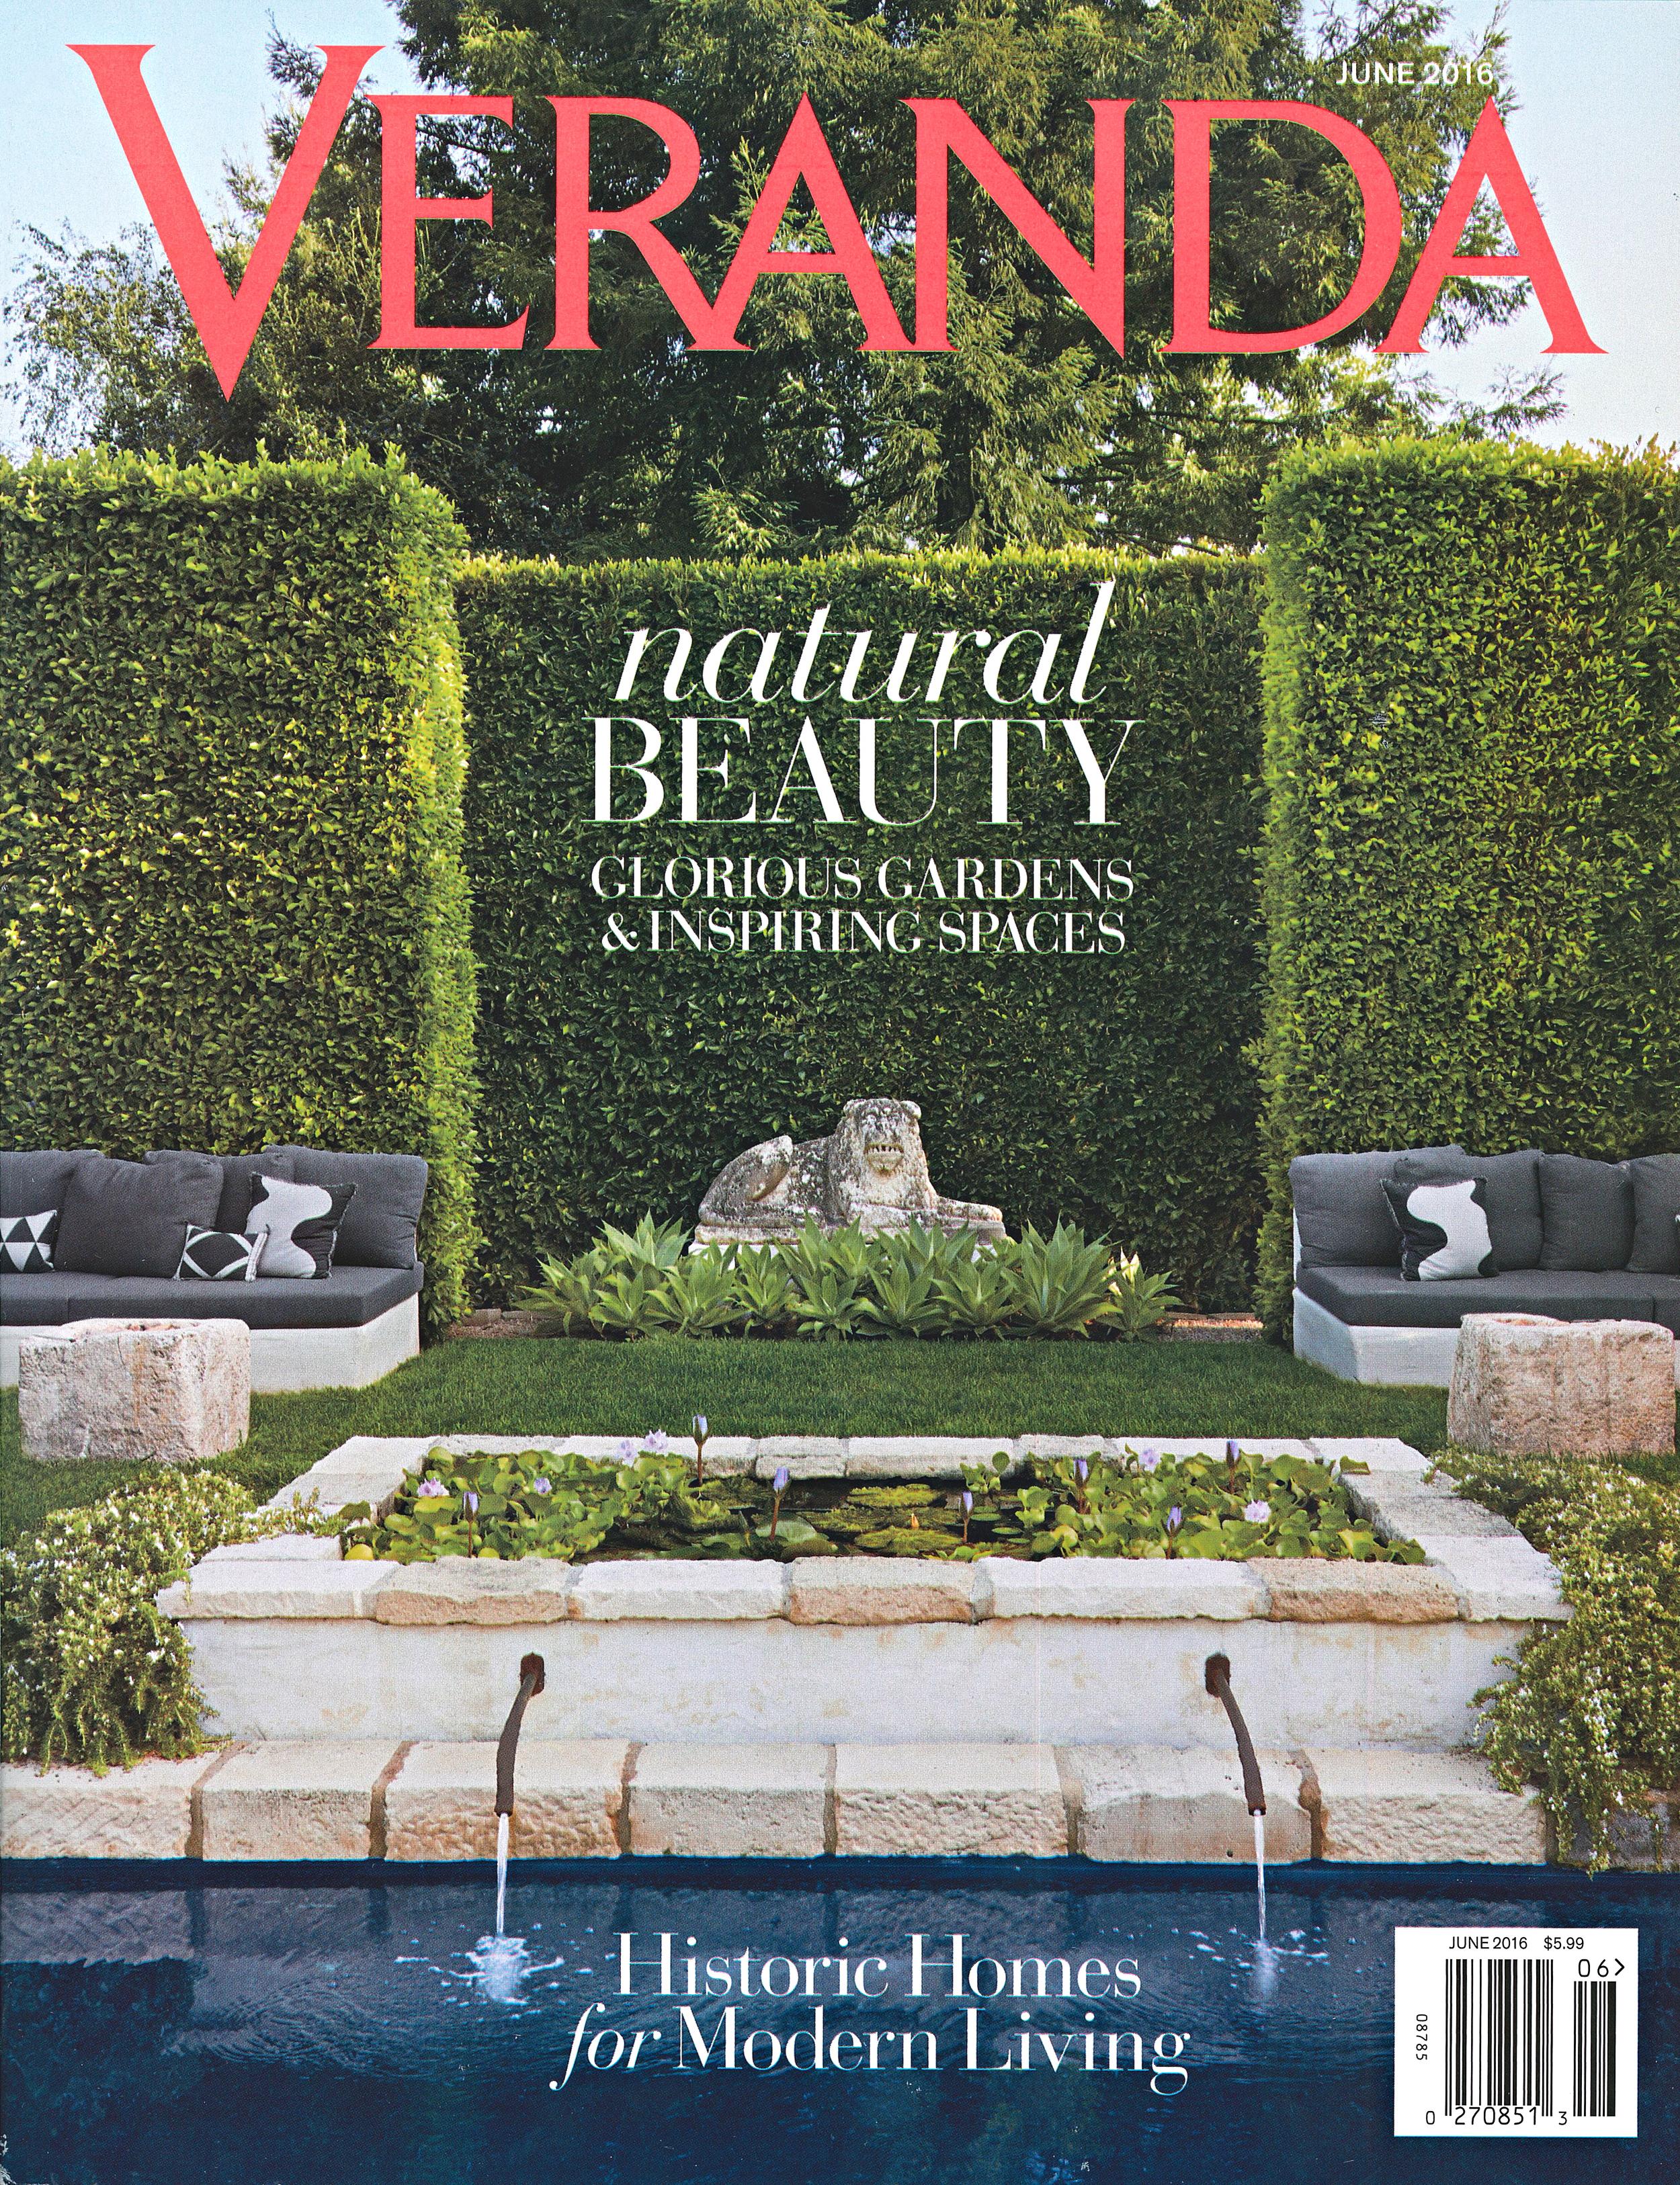 veranda personal luxeries june 2016-3_cover.jpg